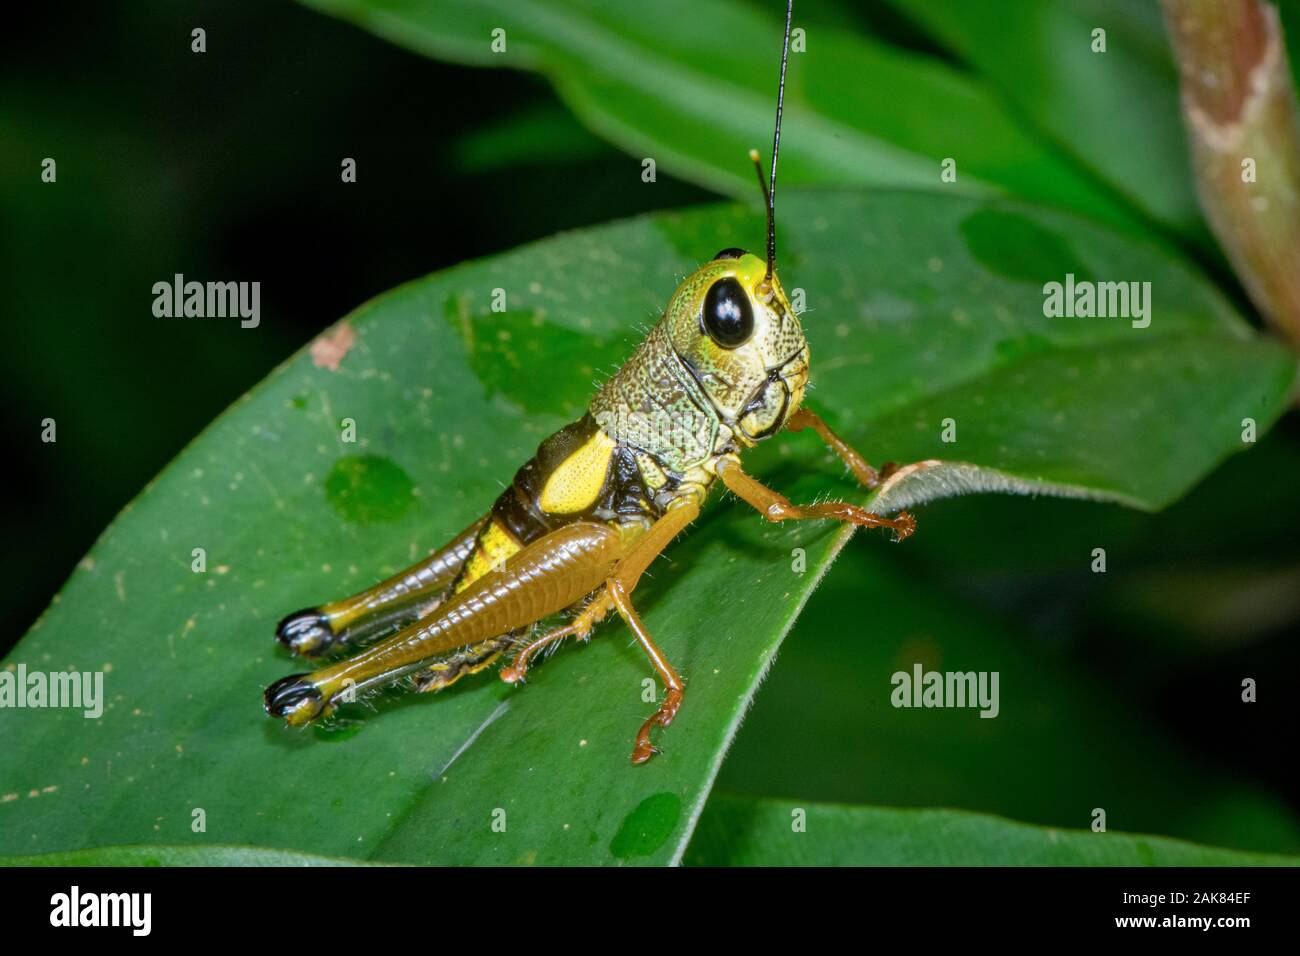 Sauterelle non identifiés, le Parc National de Sinharaja, Sri Lanka Banque D'Images